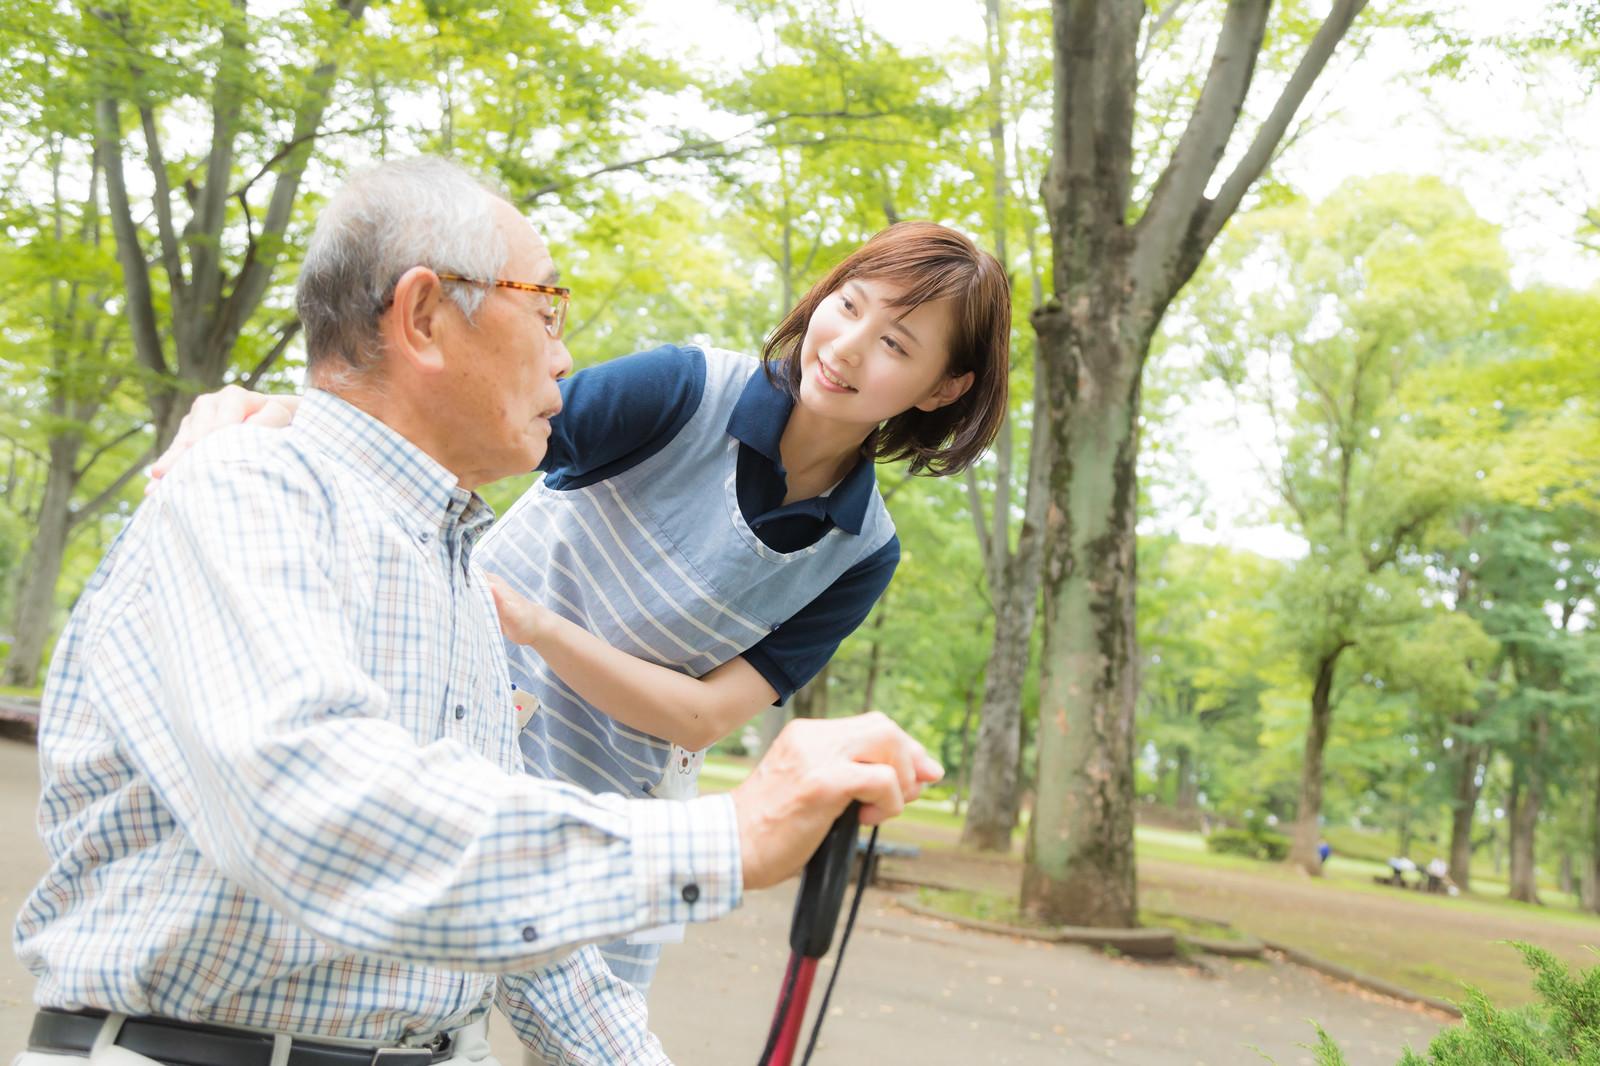 介護・福祉サービスの事業を営む経営者が備えておくと安心な保険とは